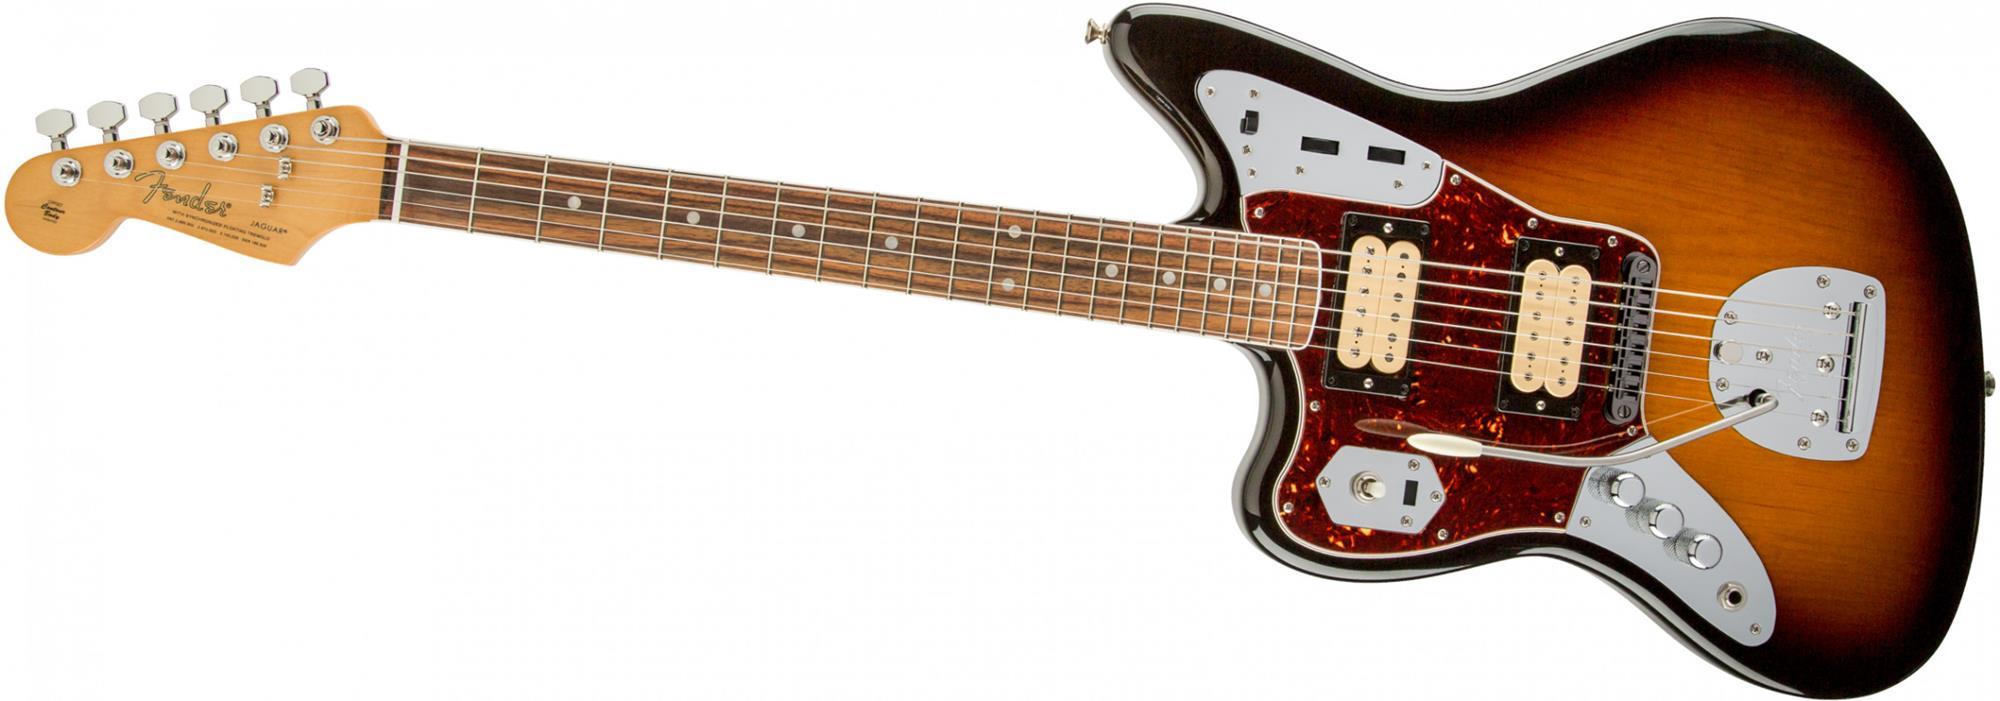 FENDER-Kurt-Cobain-Jaguar-Left-Handed-LH-MANCINA-RW-3-Color-Sunburst-0143021700-sku-24739